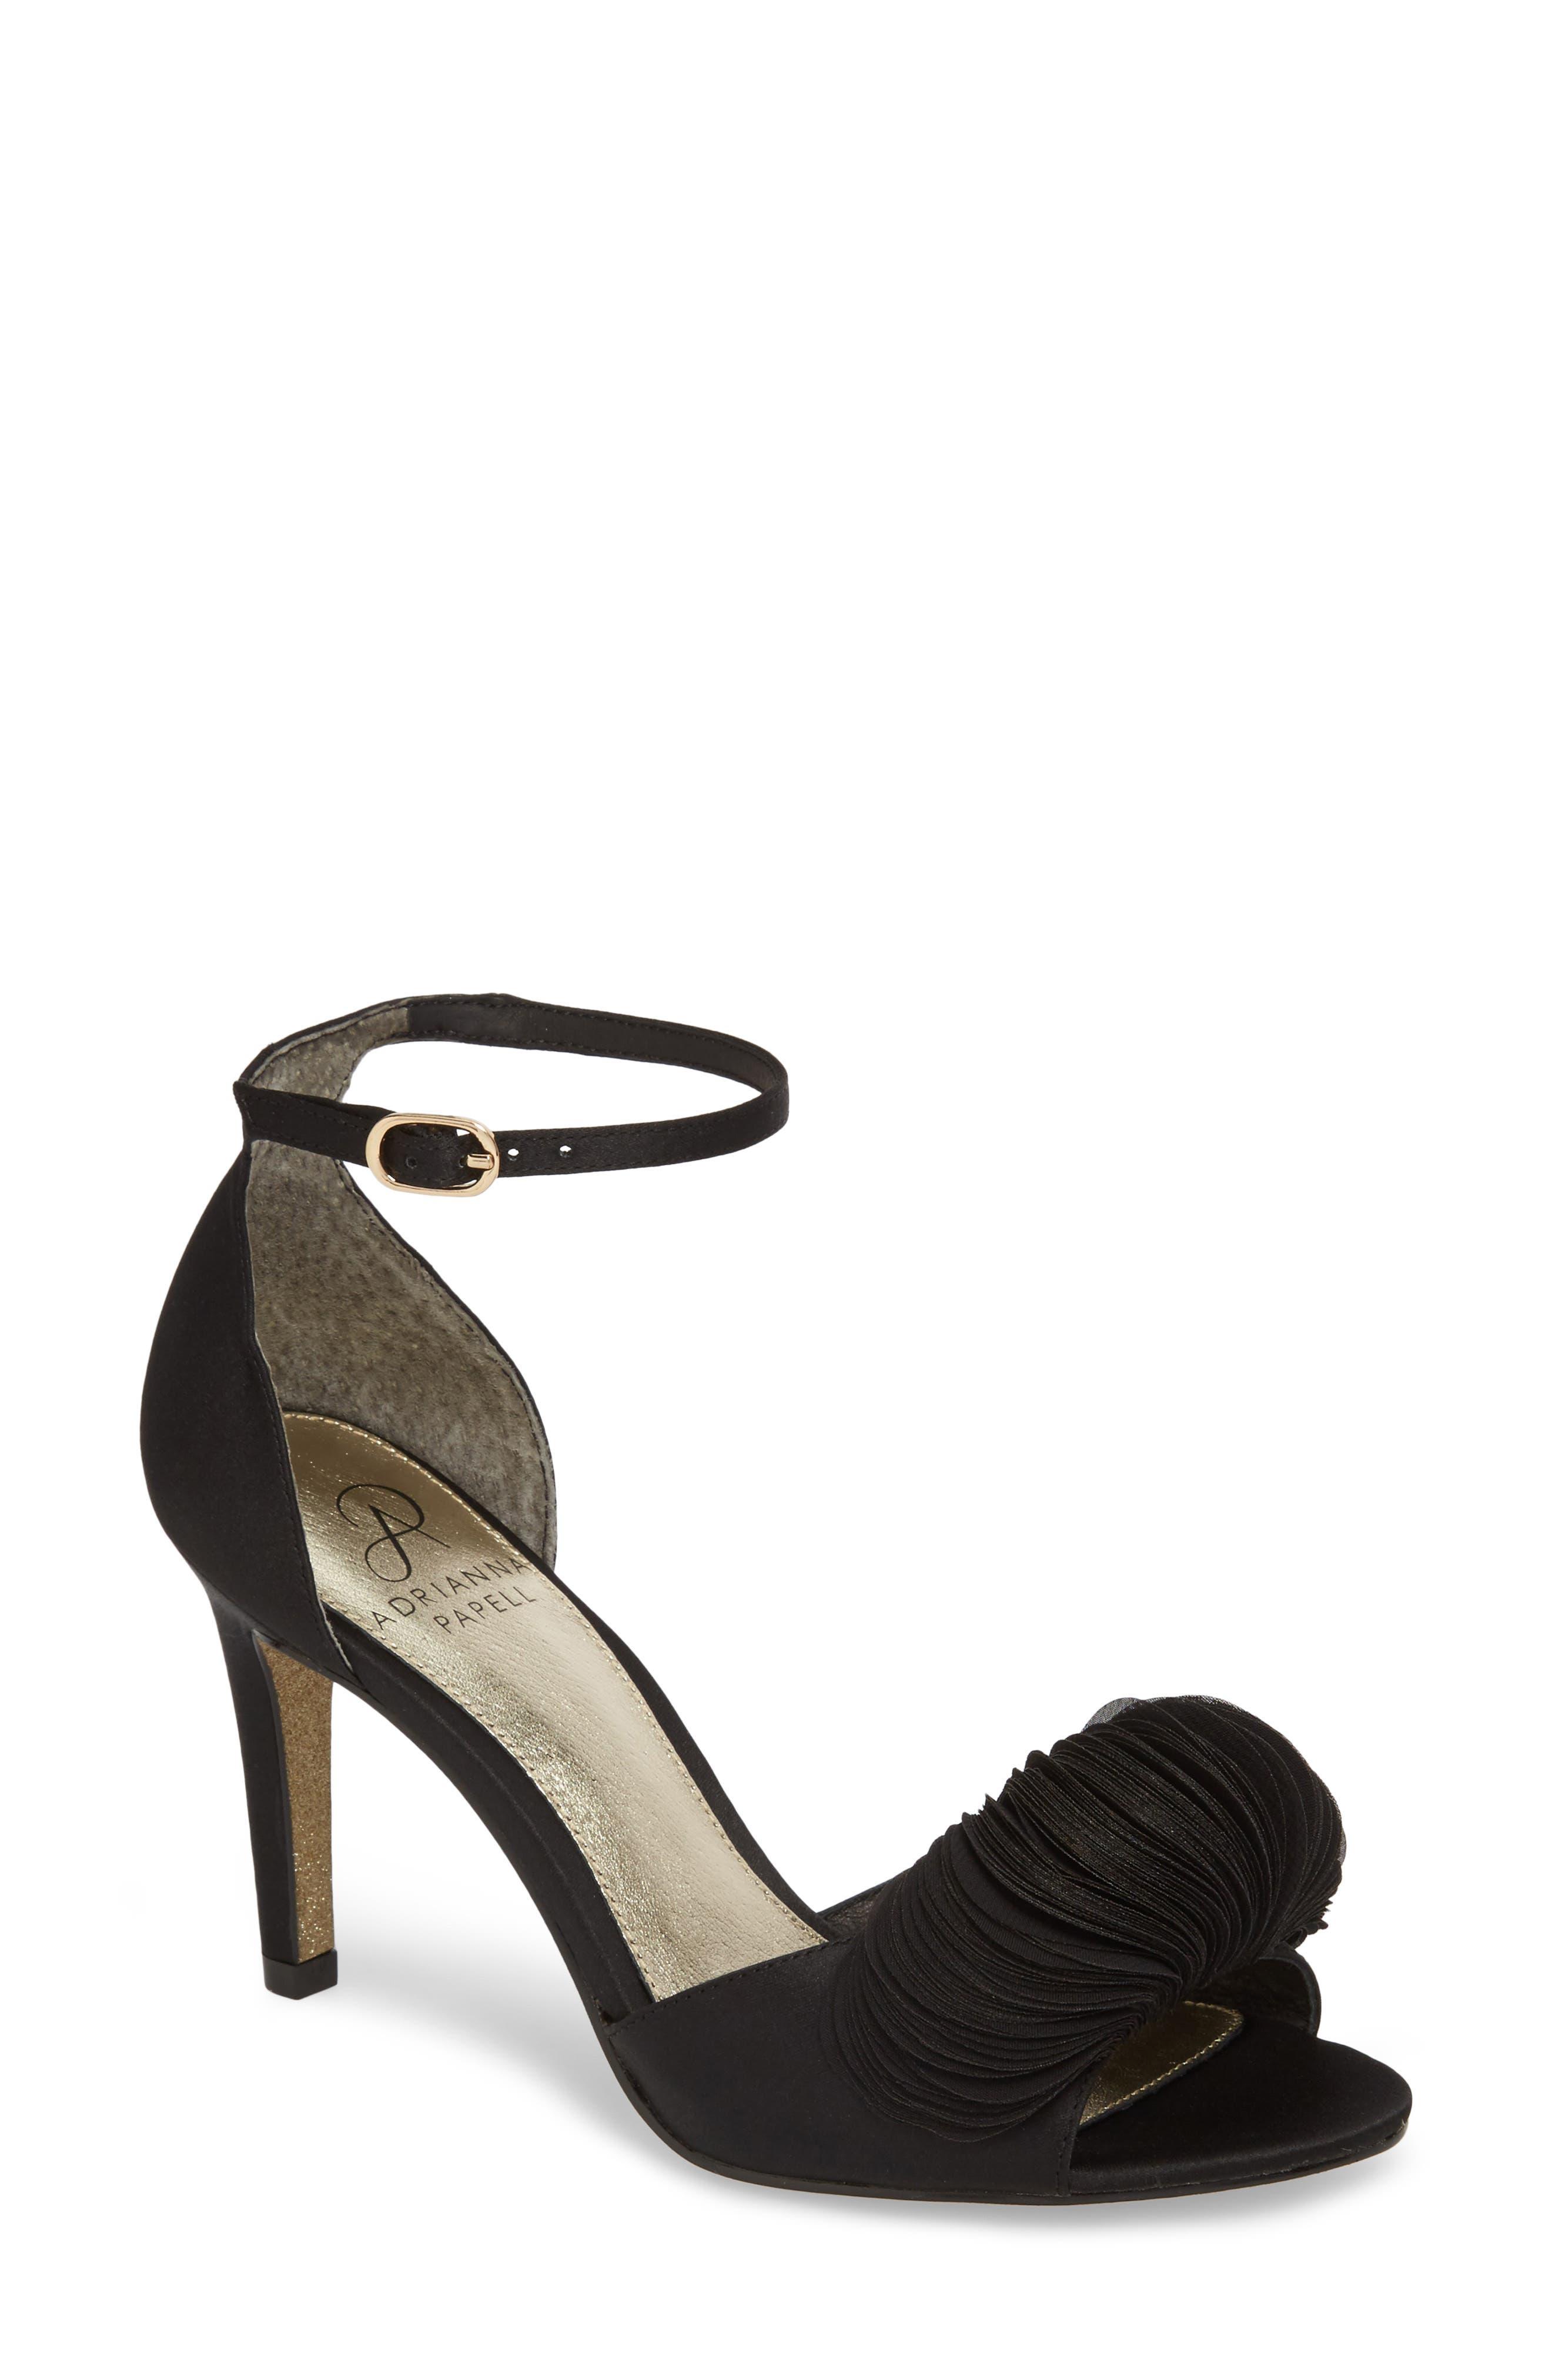 Gracie Ankle Strap Sandal,                         Main,                         color, 001